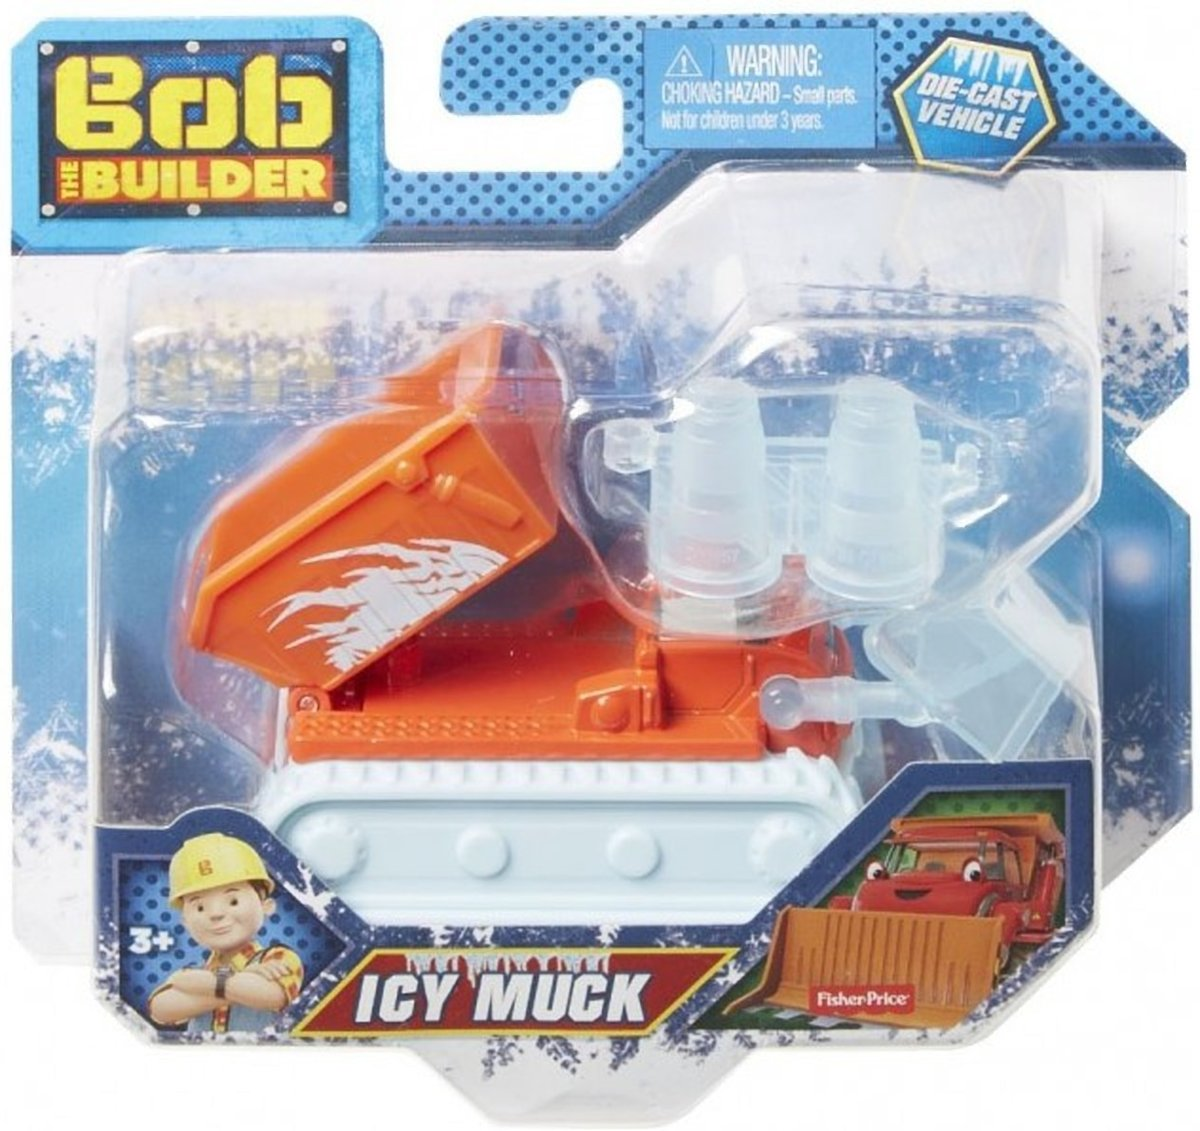 Bob De Bouwer Icy Muck